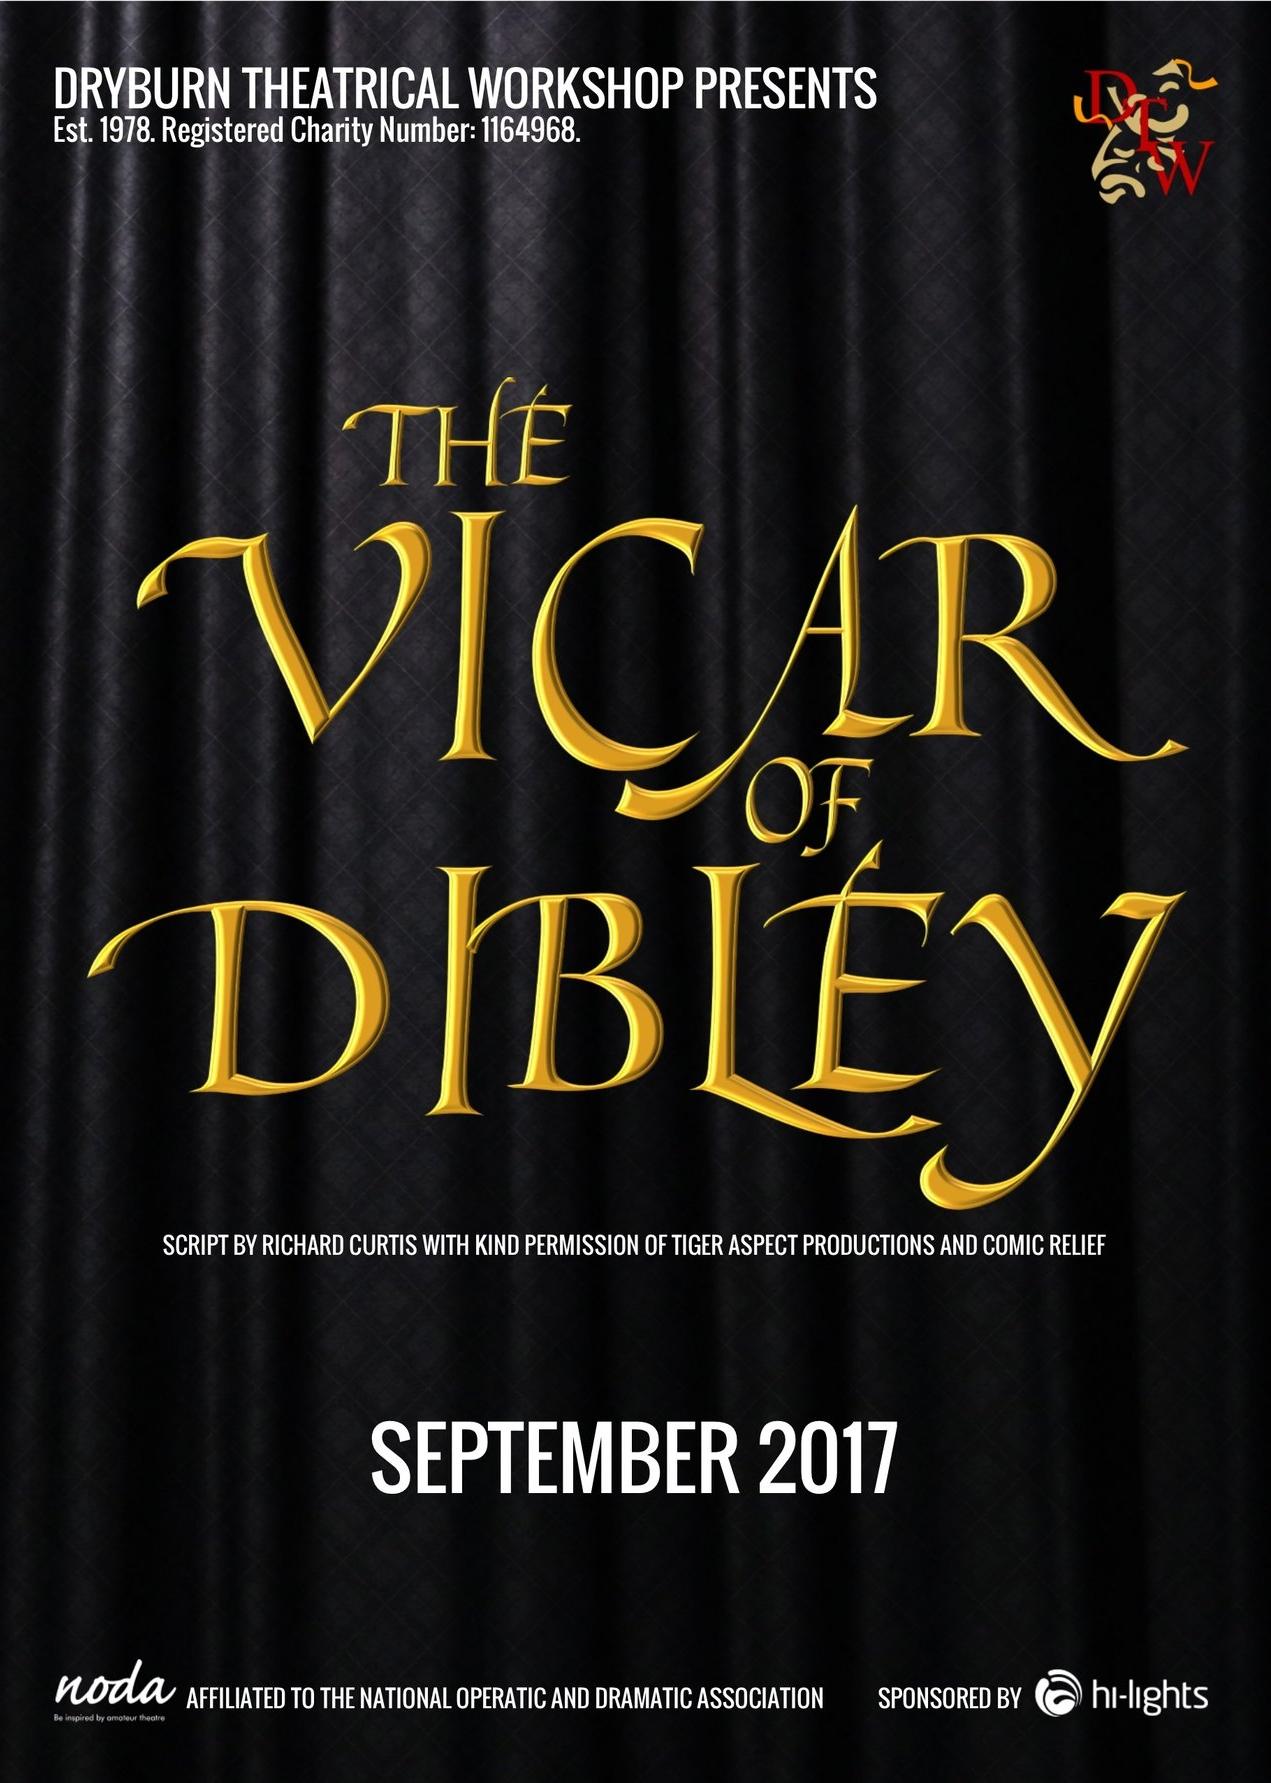 Vicar of Dibley Programme (IMAGE1) (5mm Bleed).jpg